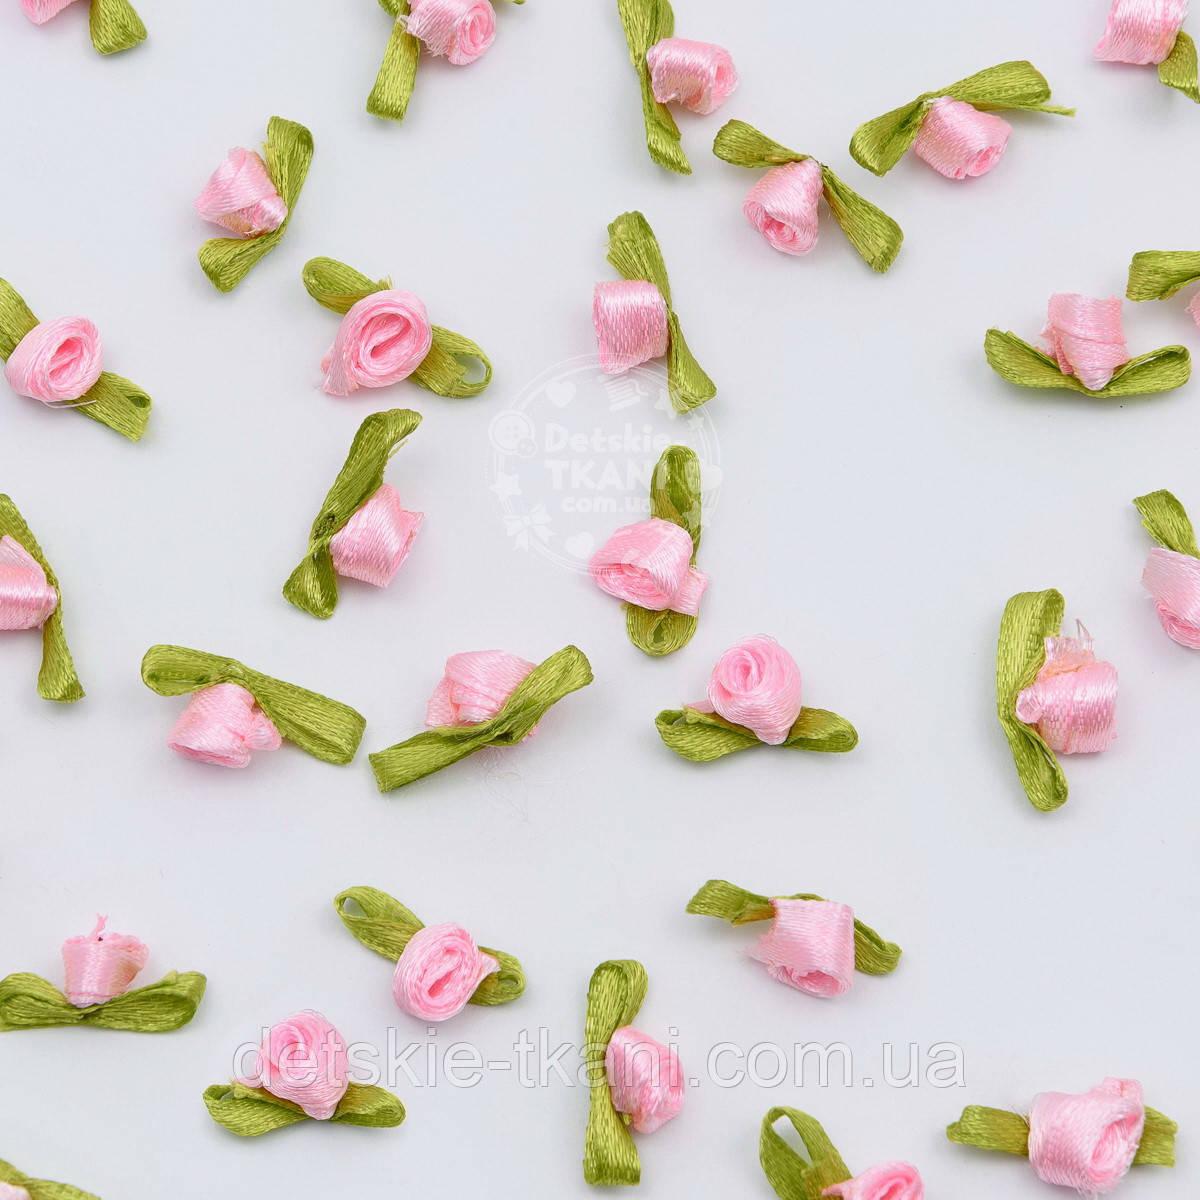 Розочки декоративные розовые с зелёным листочком малые 8 мм (10шт)